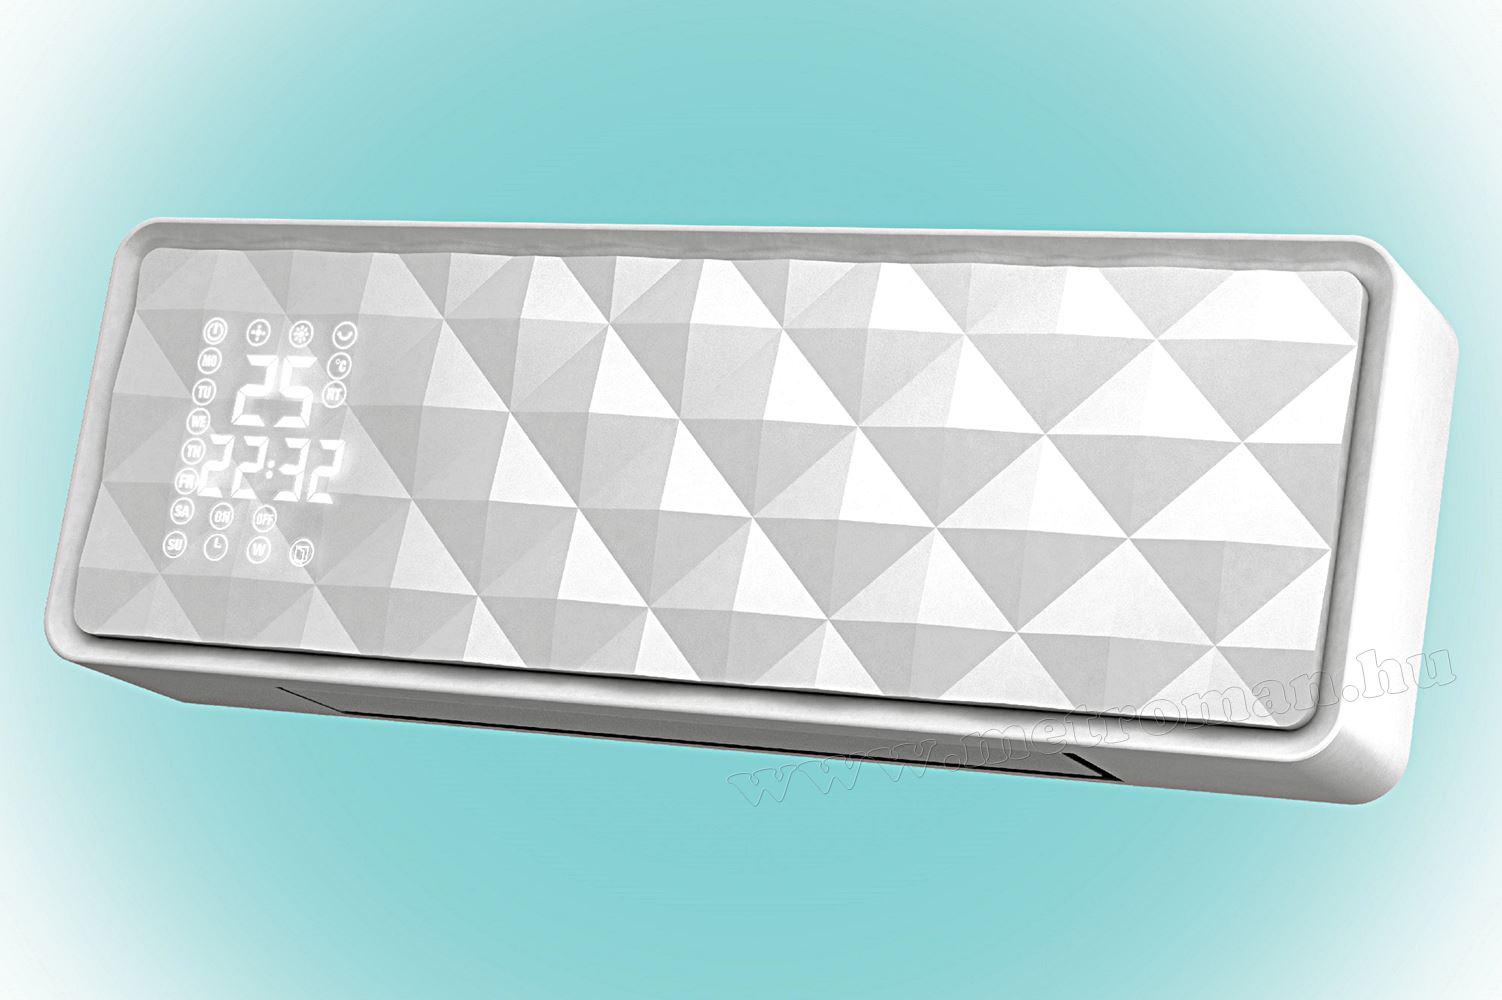 Elektromos ventilátoros programozható fali fűtőtest FKF 54201